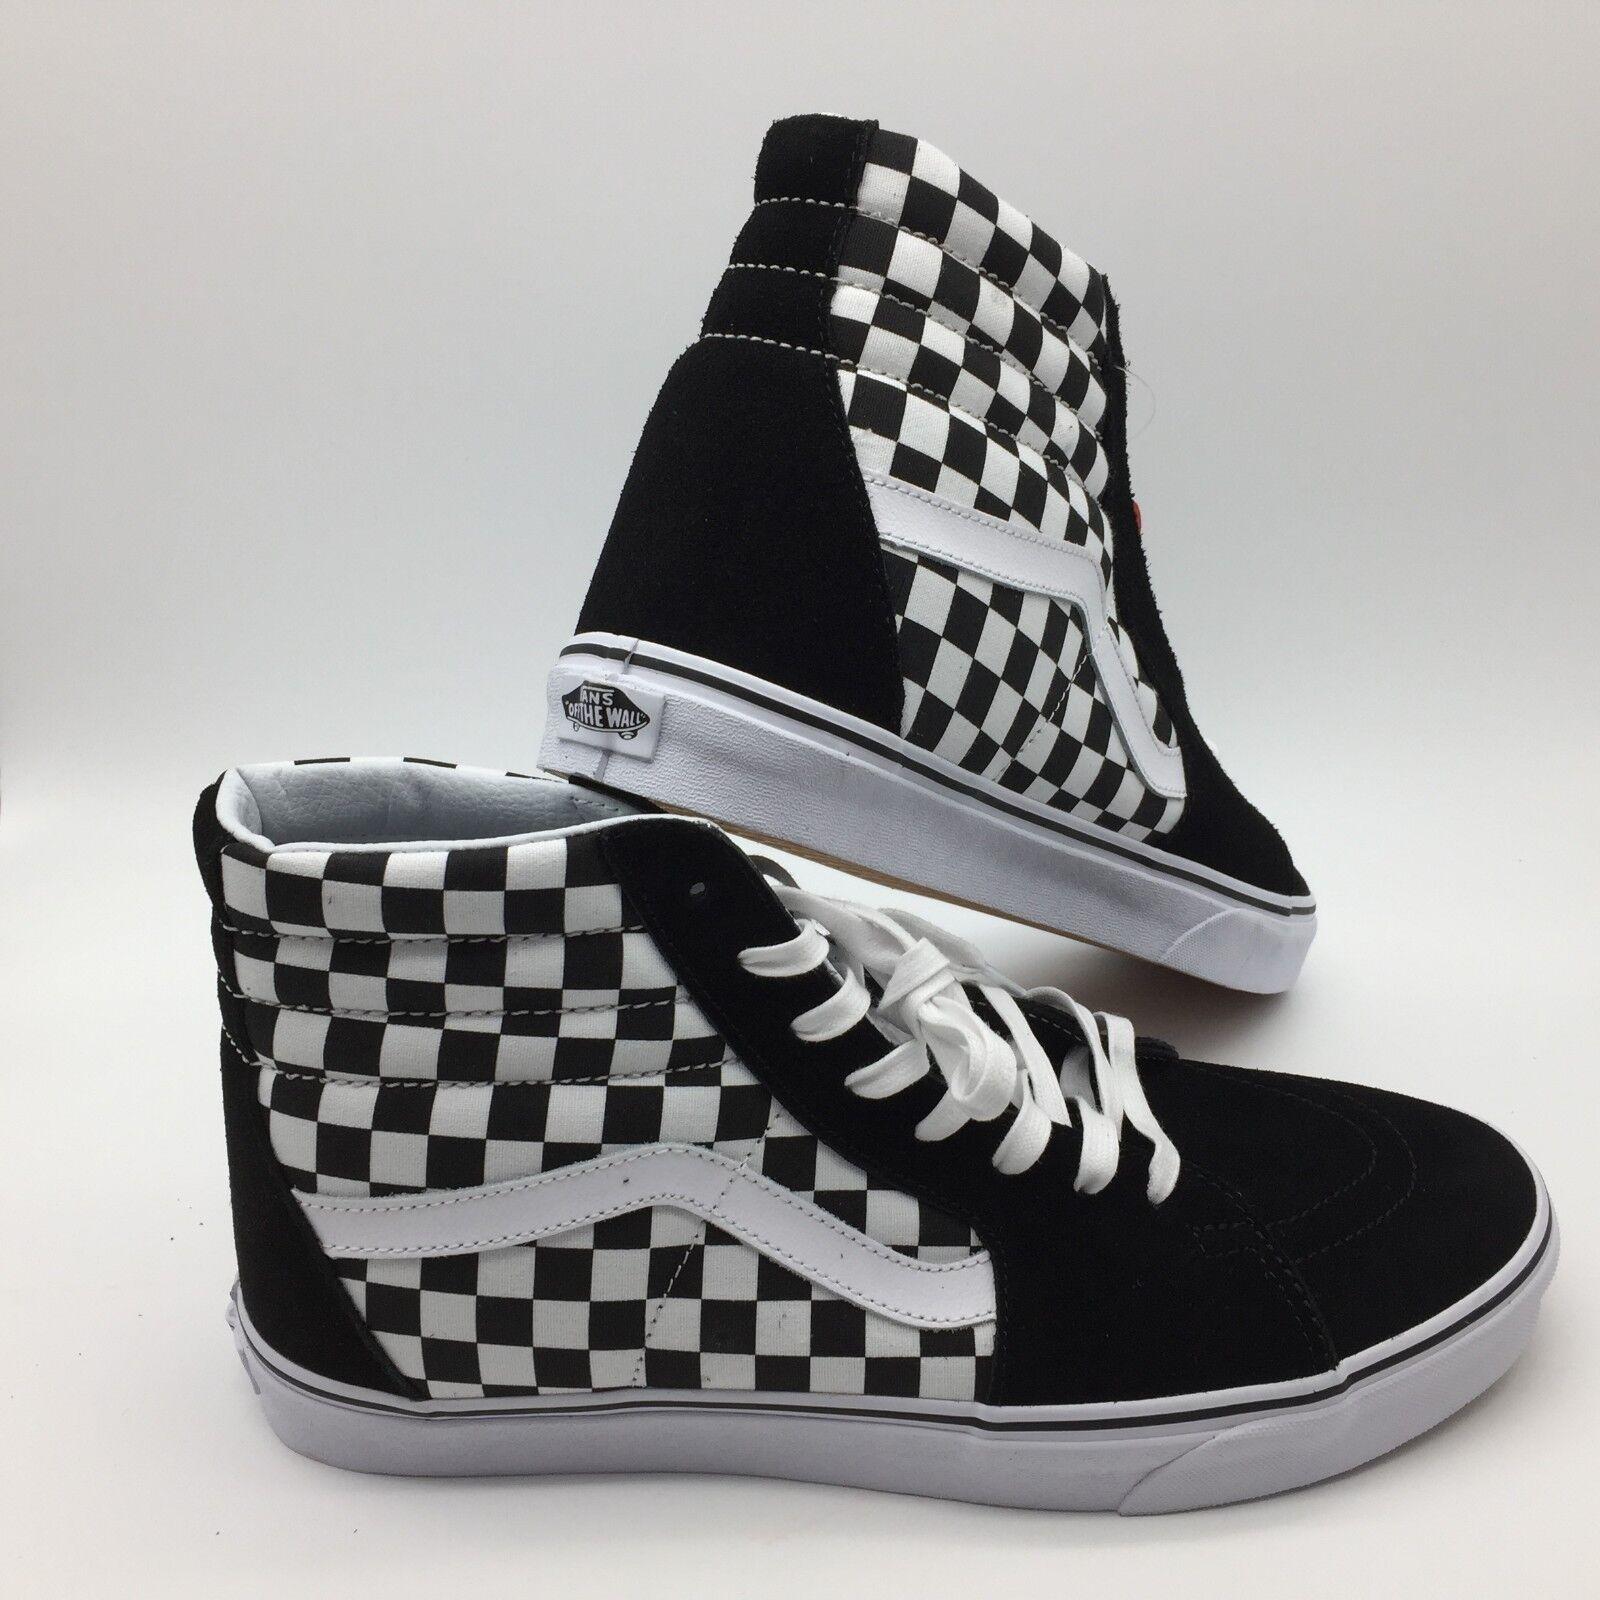 Vans Hombre Zapatos  Sk8-Hi Reissue  (Tablero de Ajedrez) Negro Tr blancooo